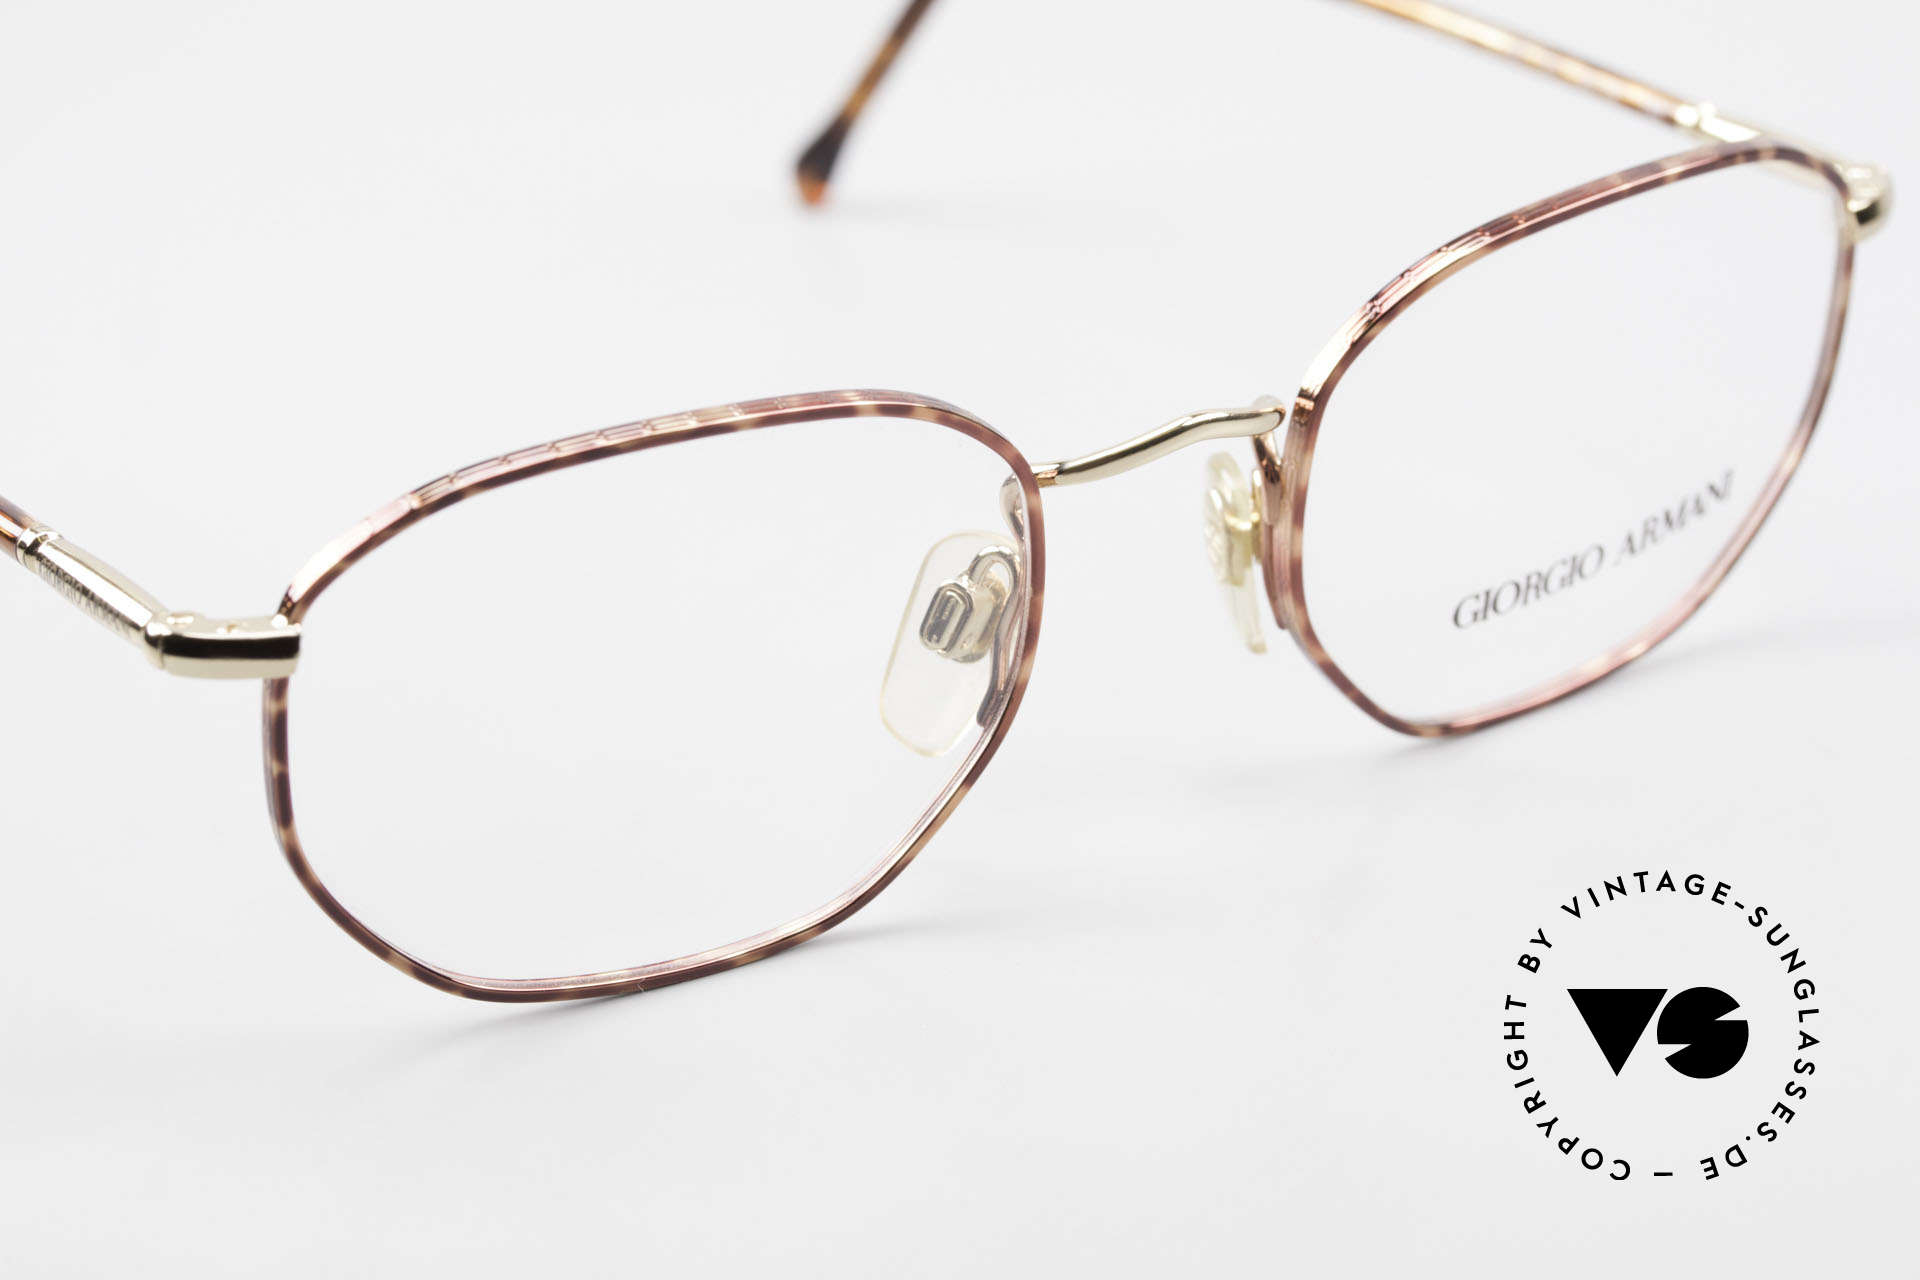 Giorgio Armani 187 Klassische 90er Herrenbrille, KEINE Retromode; sondern ein altes Armani-Original, Passend für Herren